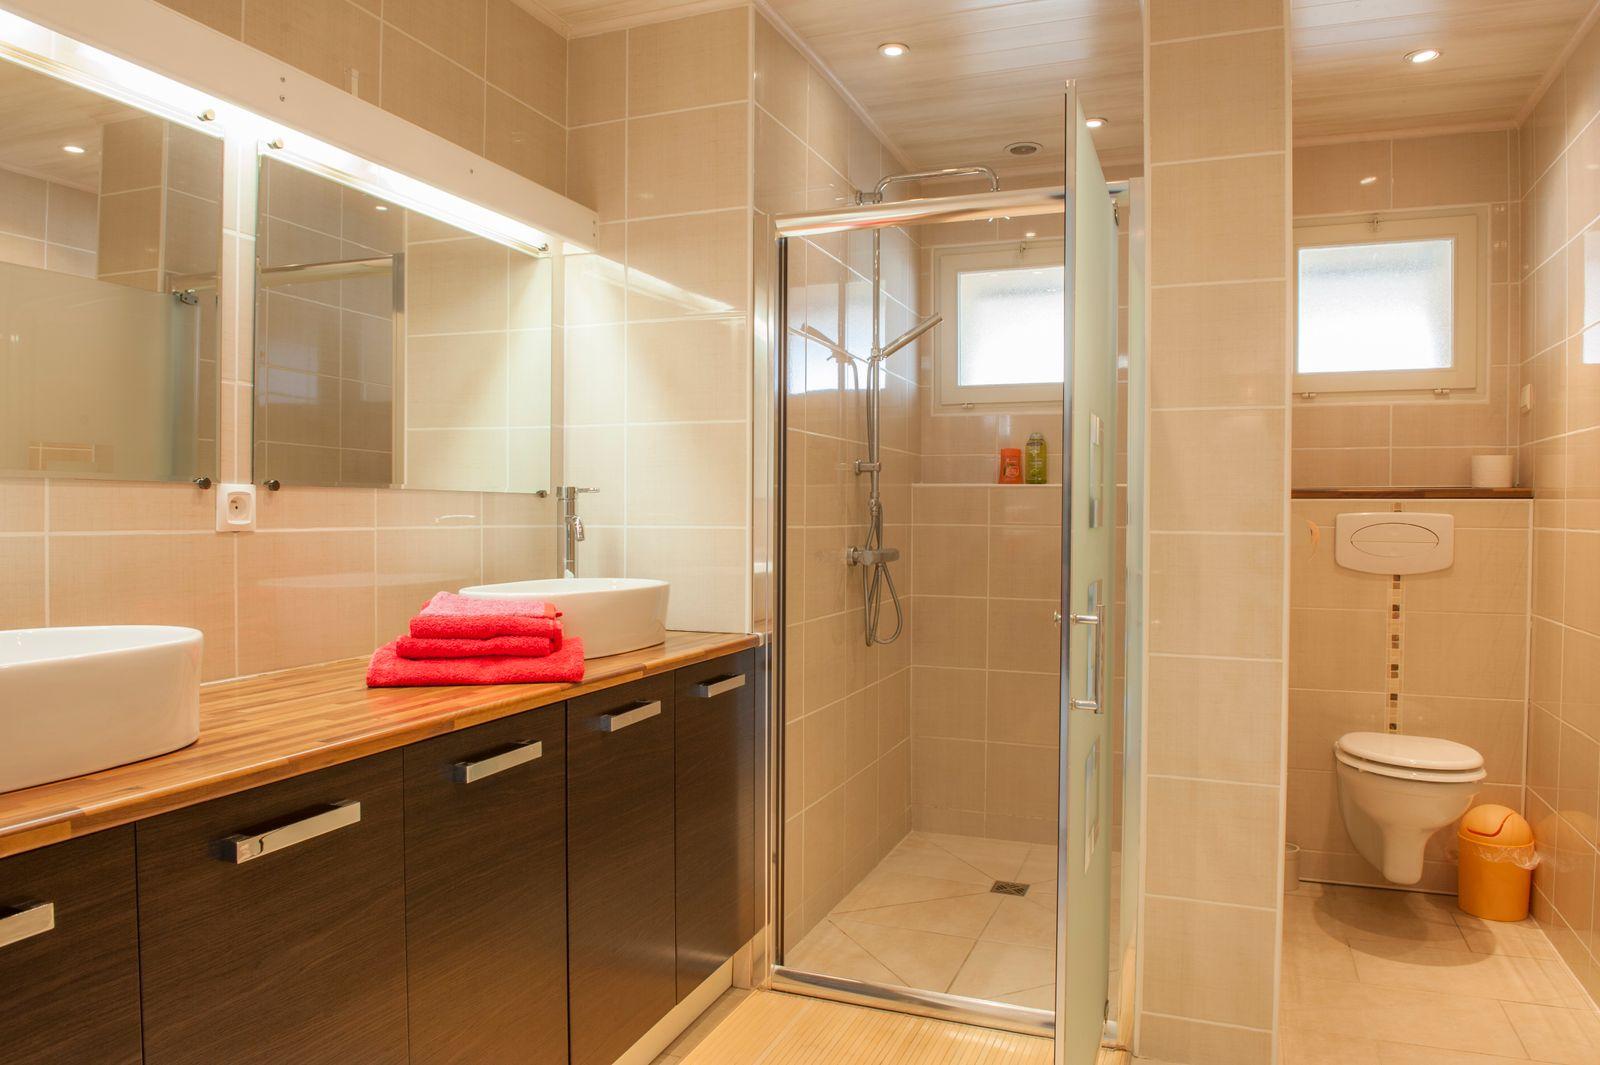 Grande salle d'eau avec douche à l'italienne ,2 vasques et wc suspendus.